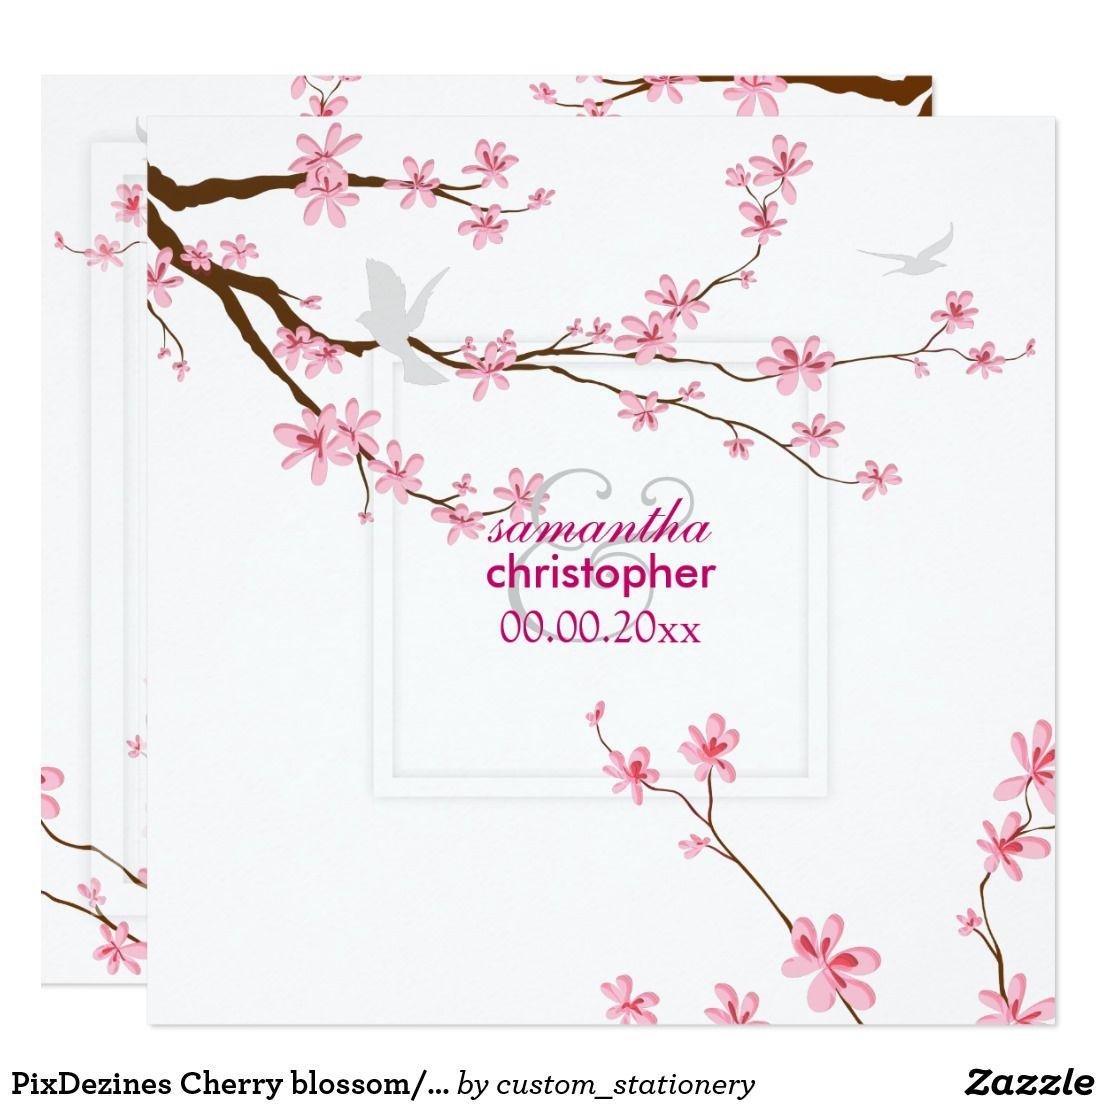 Pixdezines Cherry Blossom Diy Background Invitation Zazzle Com Cherry Blossom Theme Background Diy Cherry Blossom